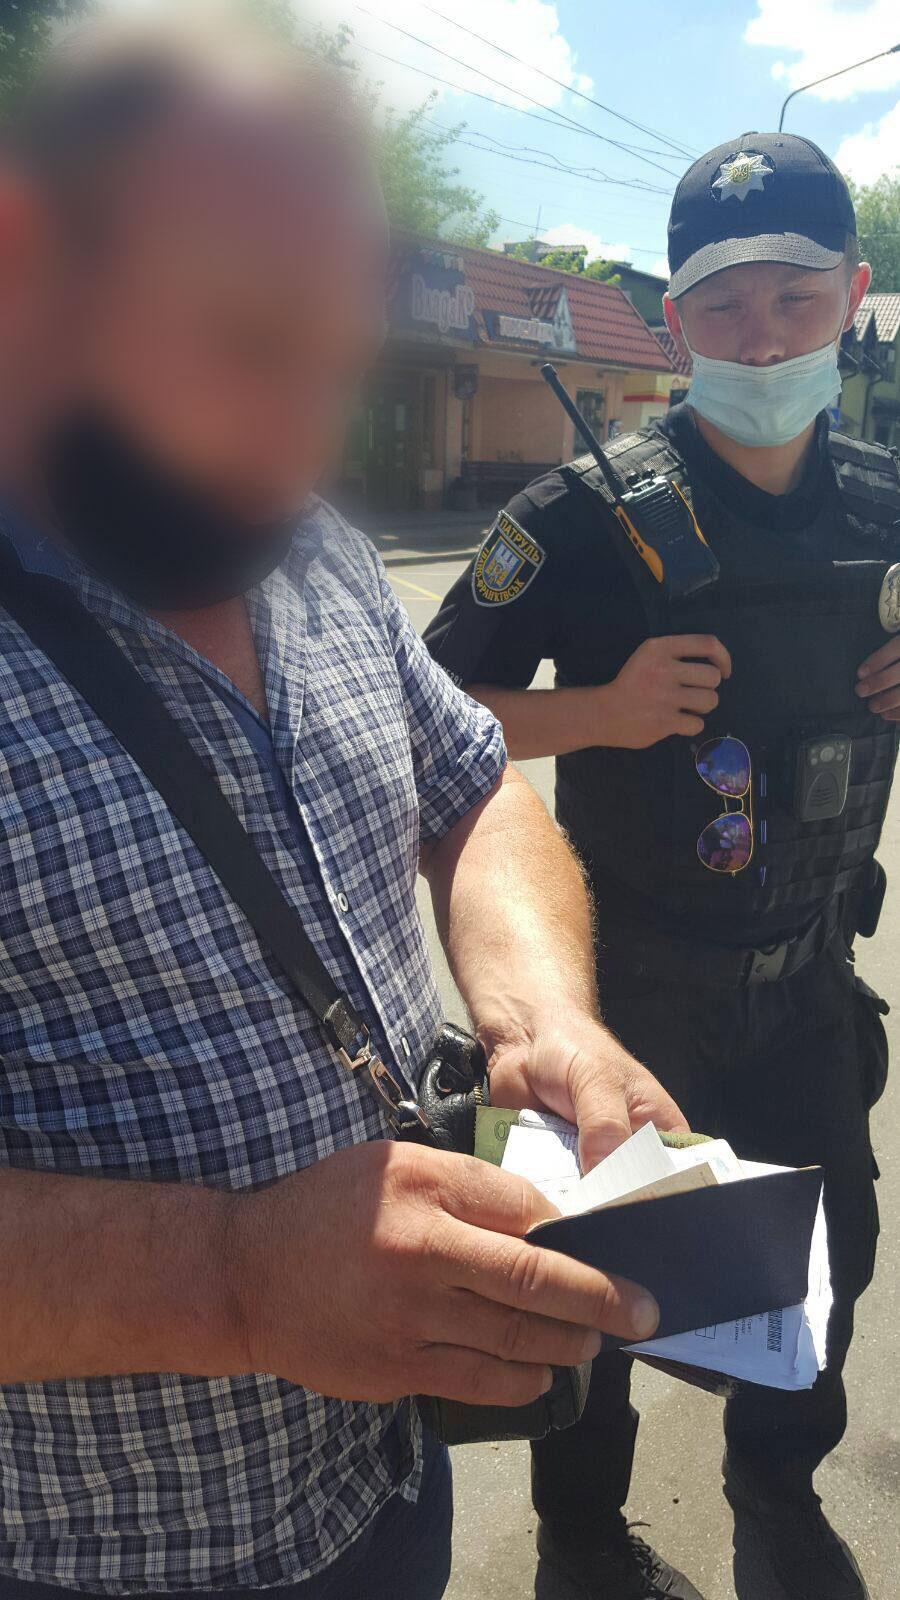 Скандал у франківській маршрутці: водій викинув посвідчення через двері (ФОТО)